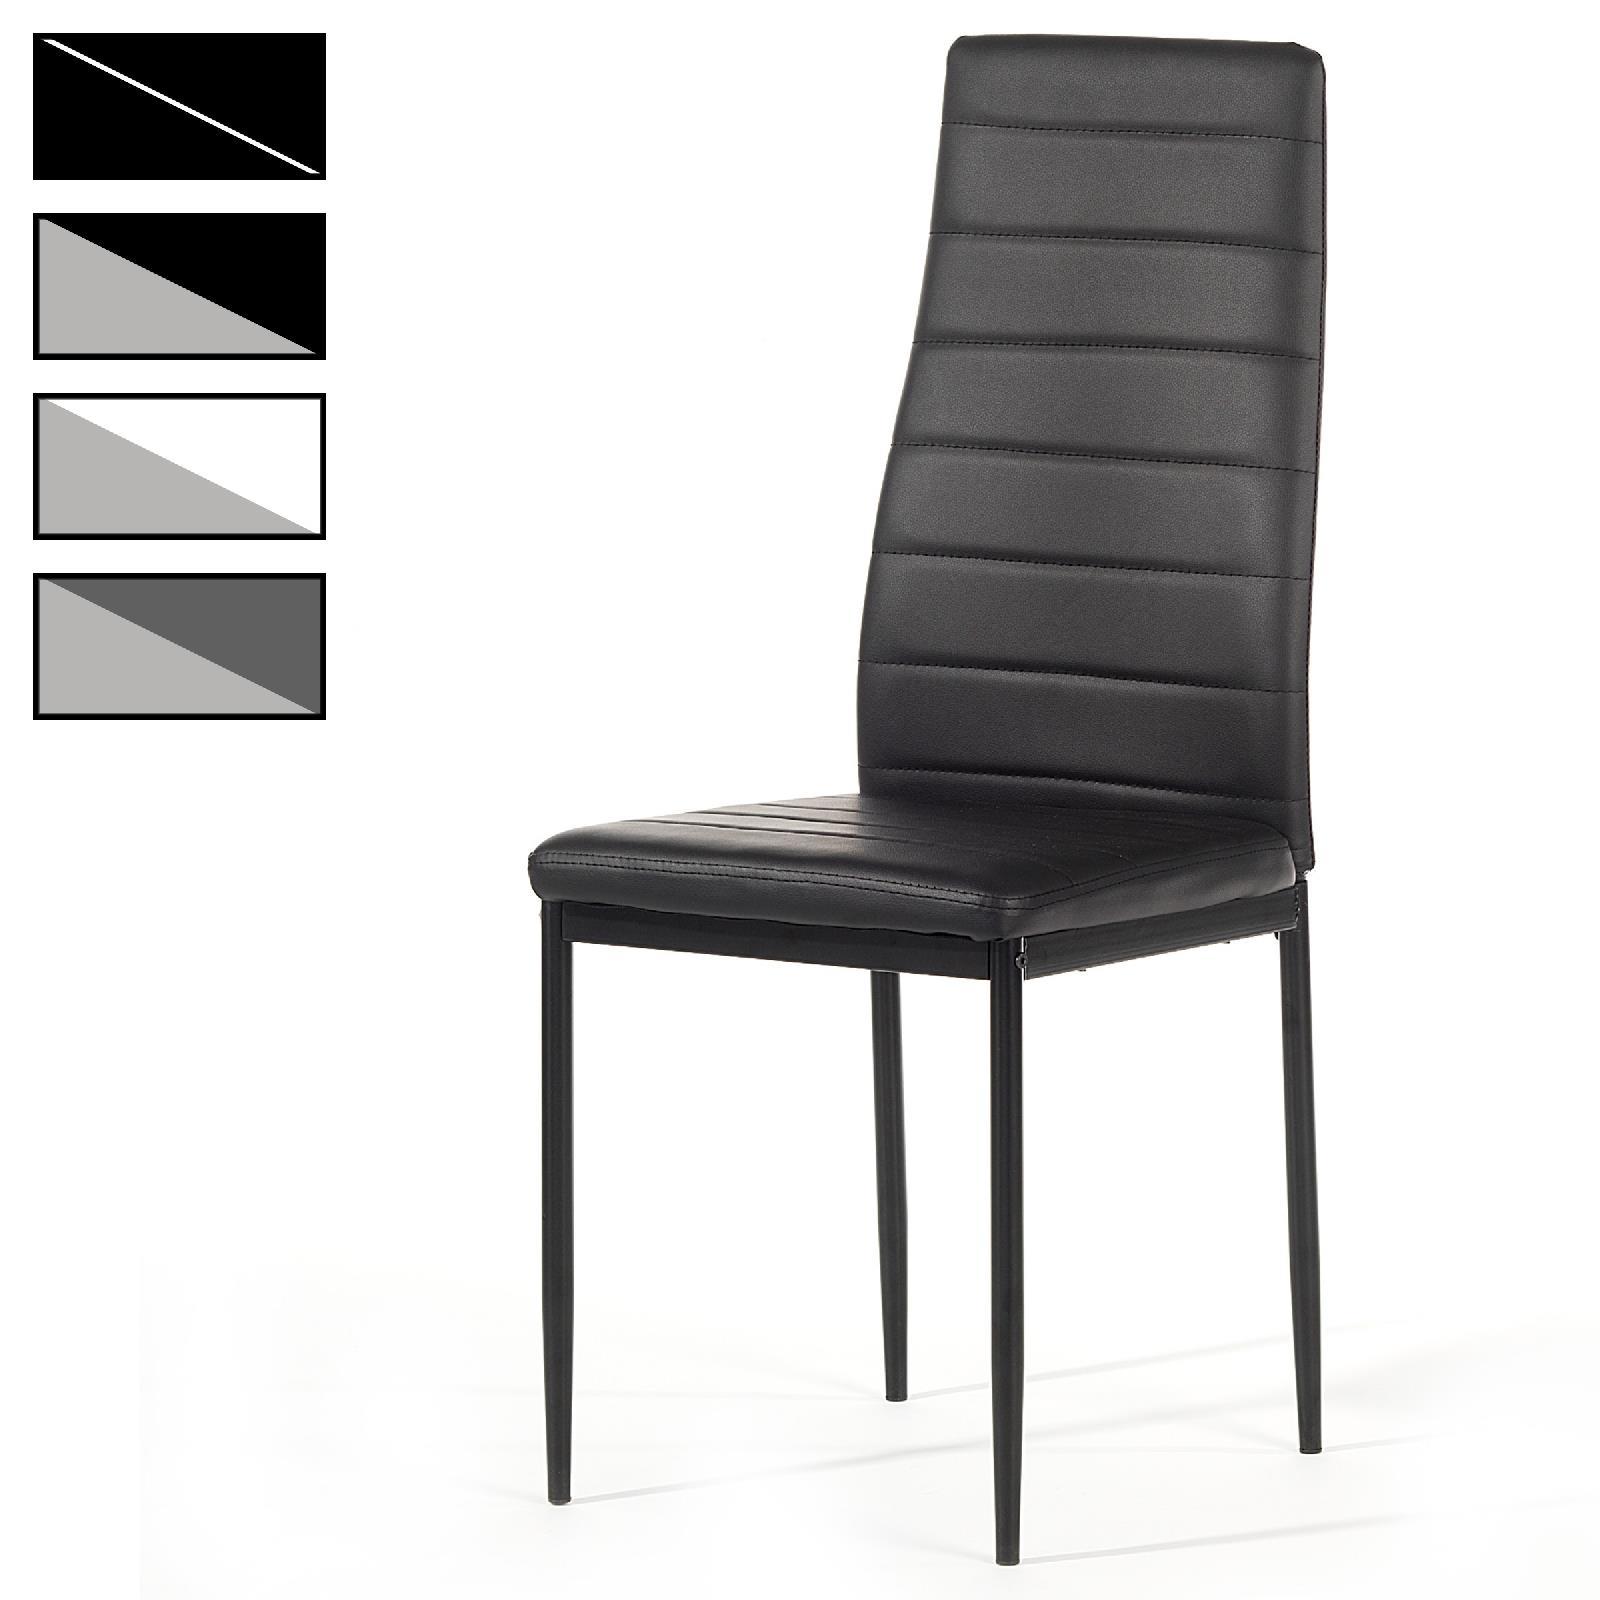 esszimmerstuhl 4er set in braun caro m bel. Black Bedroom Furniture Sets. Home Design Ideas